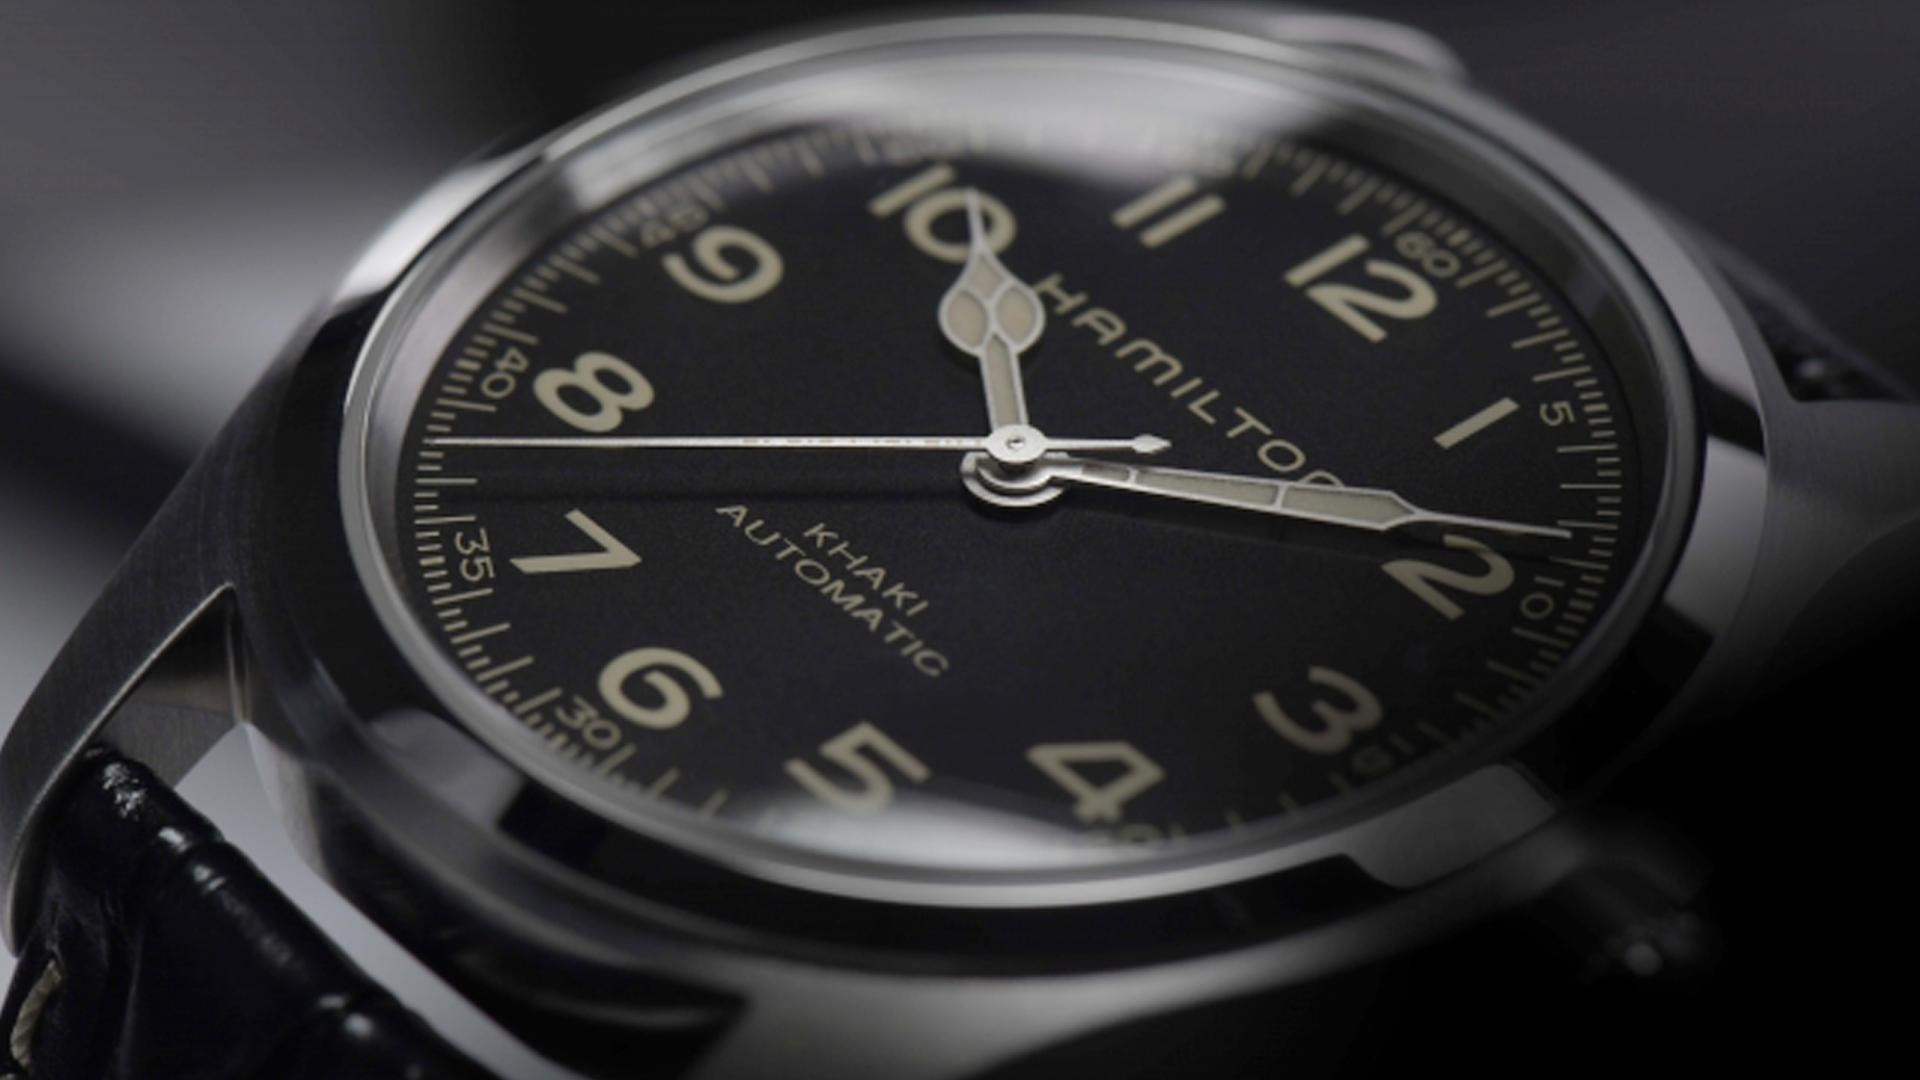 【映画『インターステラー』に登場の時計を製品化】他、新着トレンド2月14日